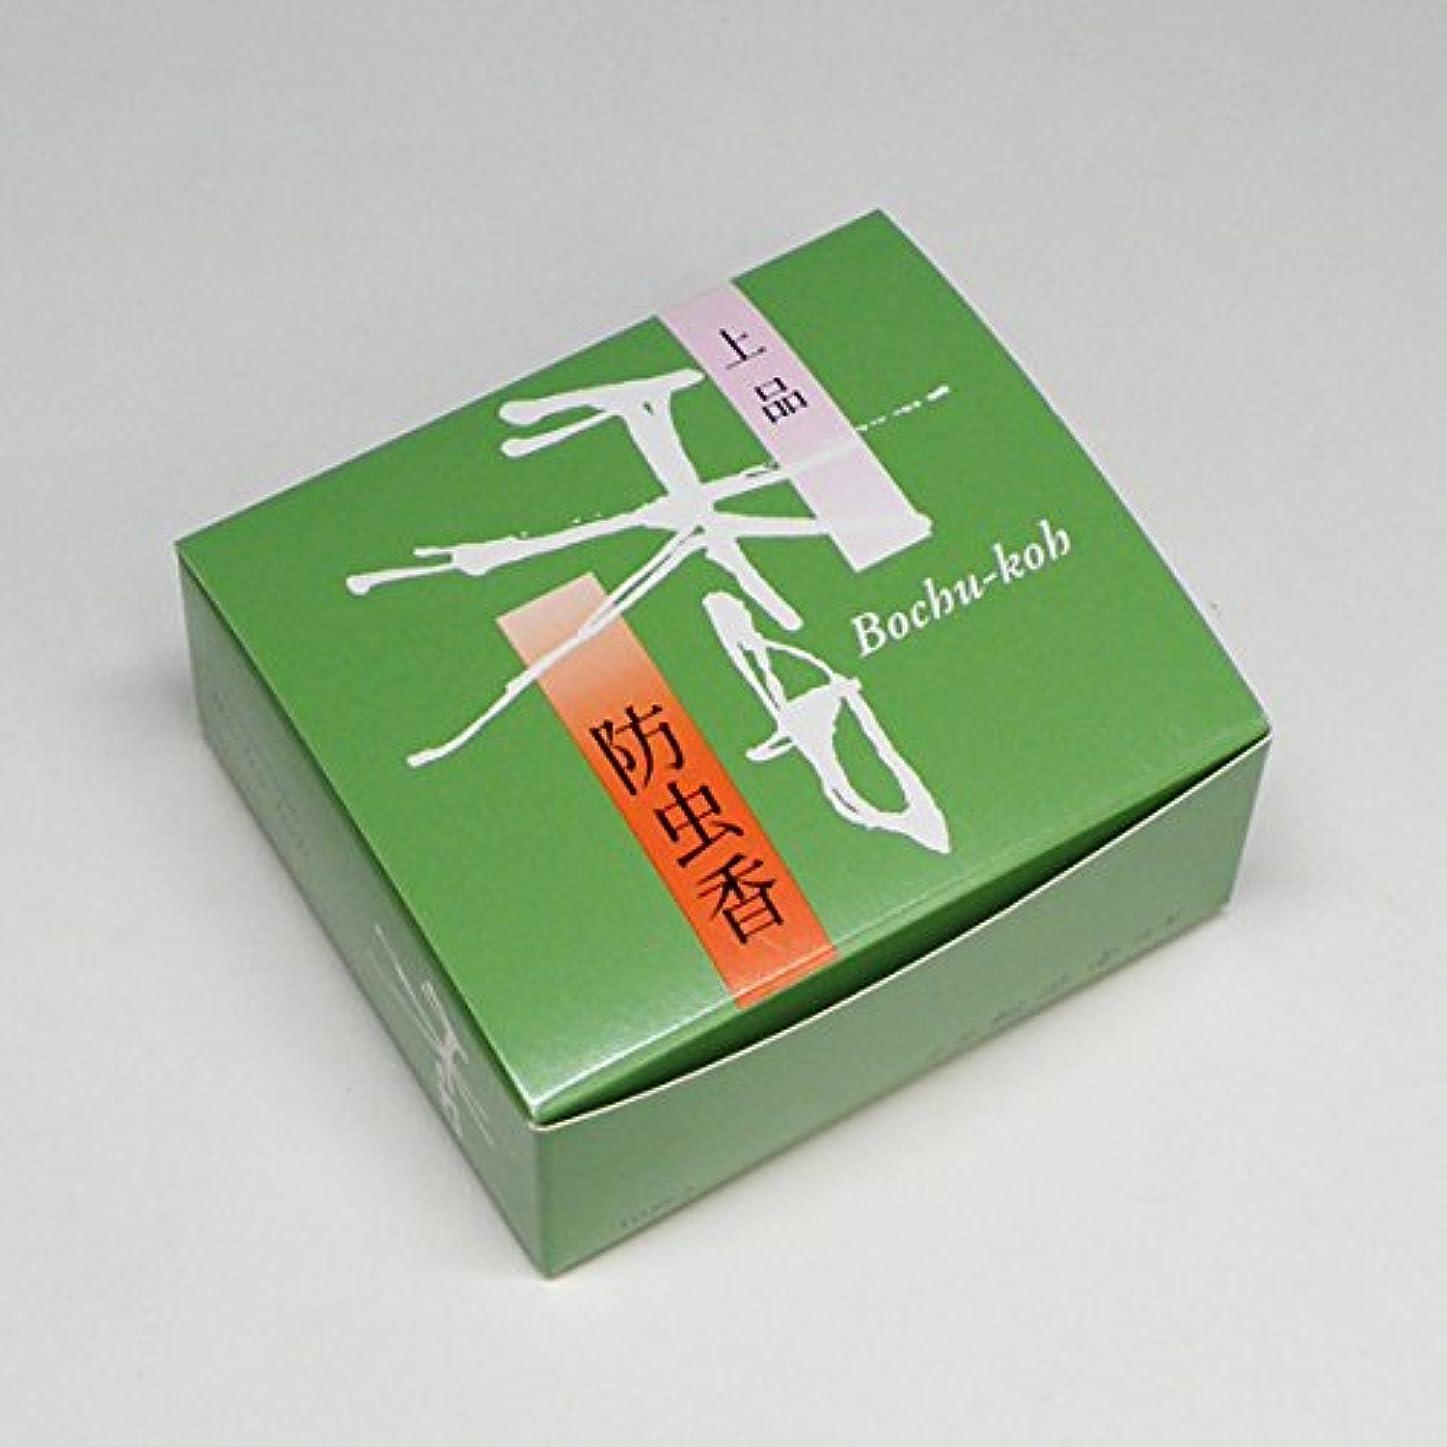 飛び込む生産性社交的【茶道/香】 松栄堂/防虫香(上品)